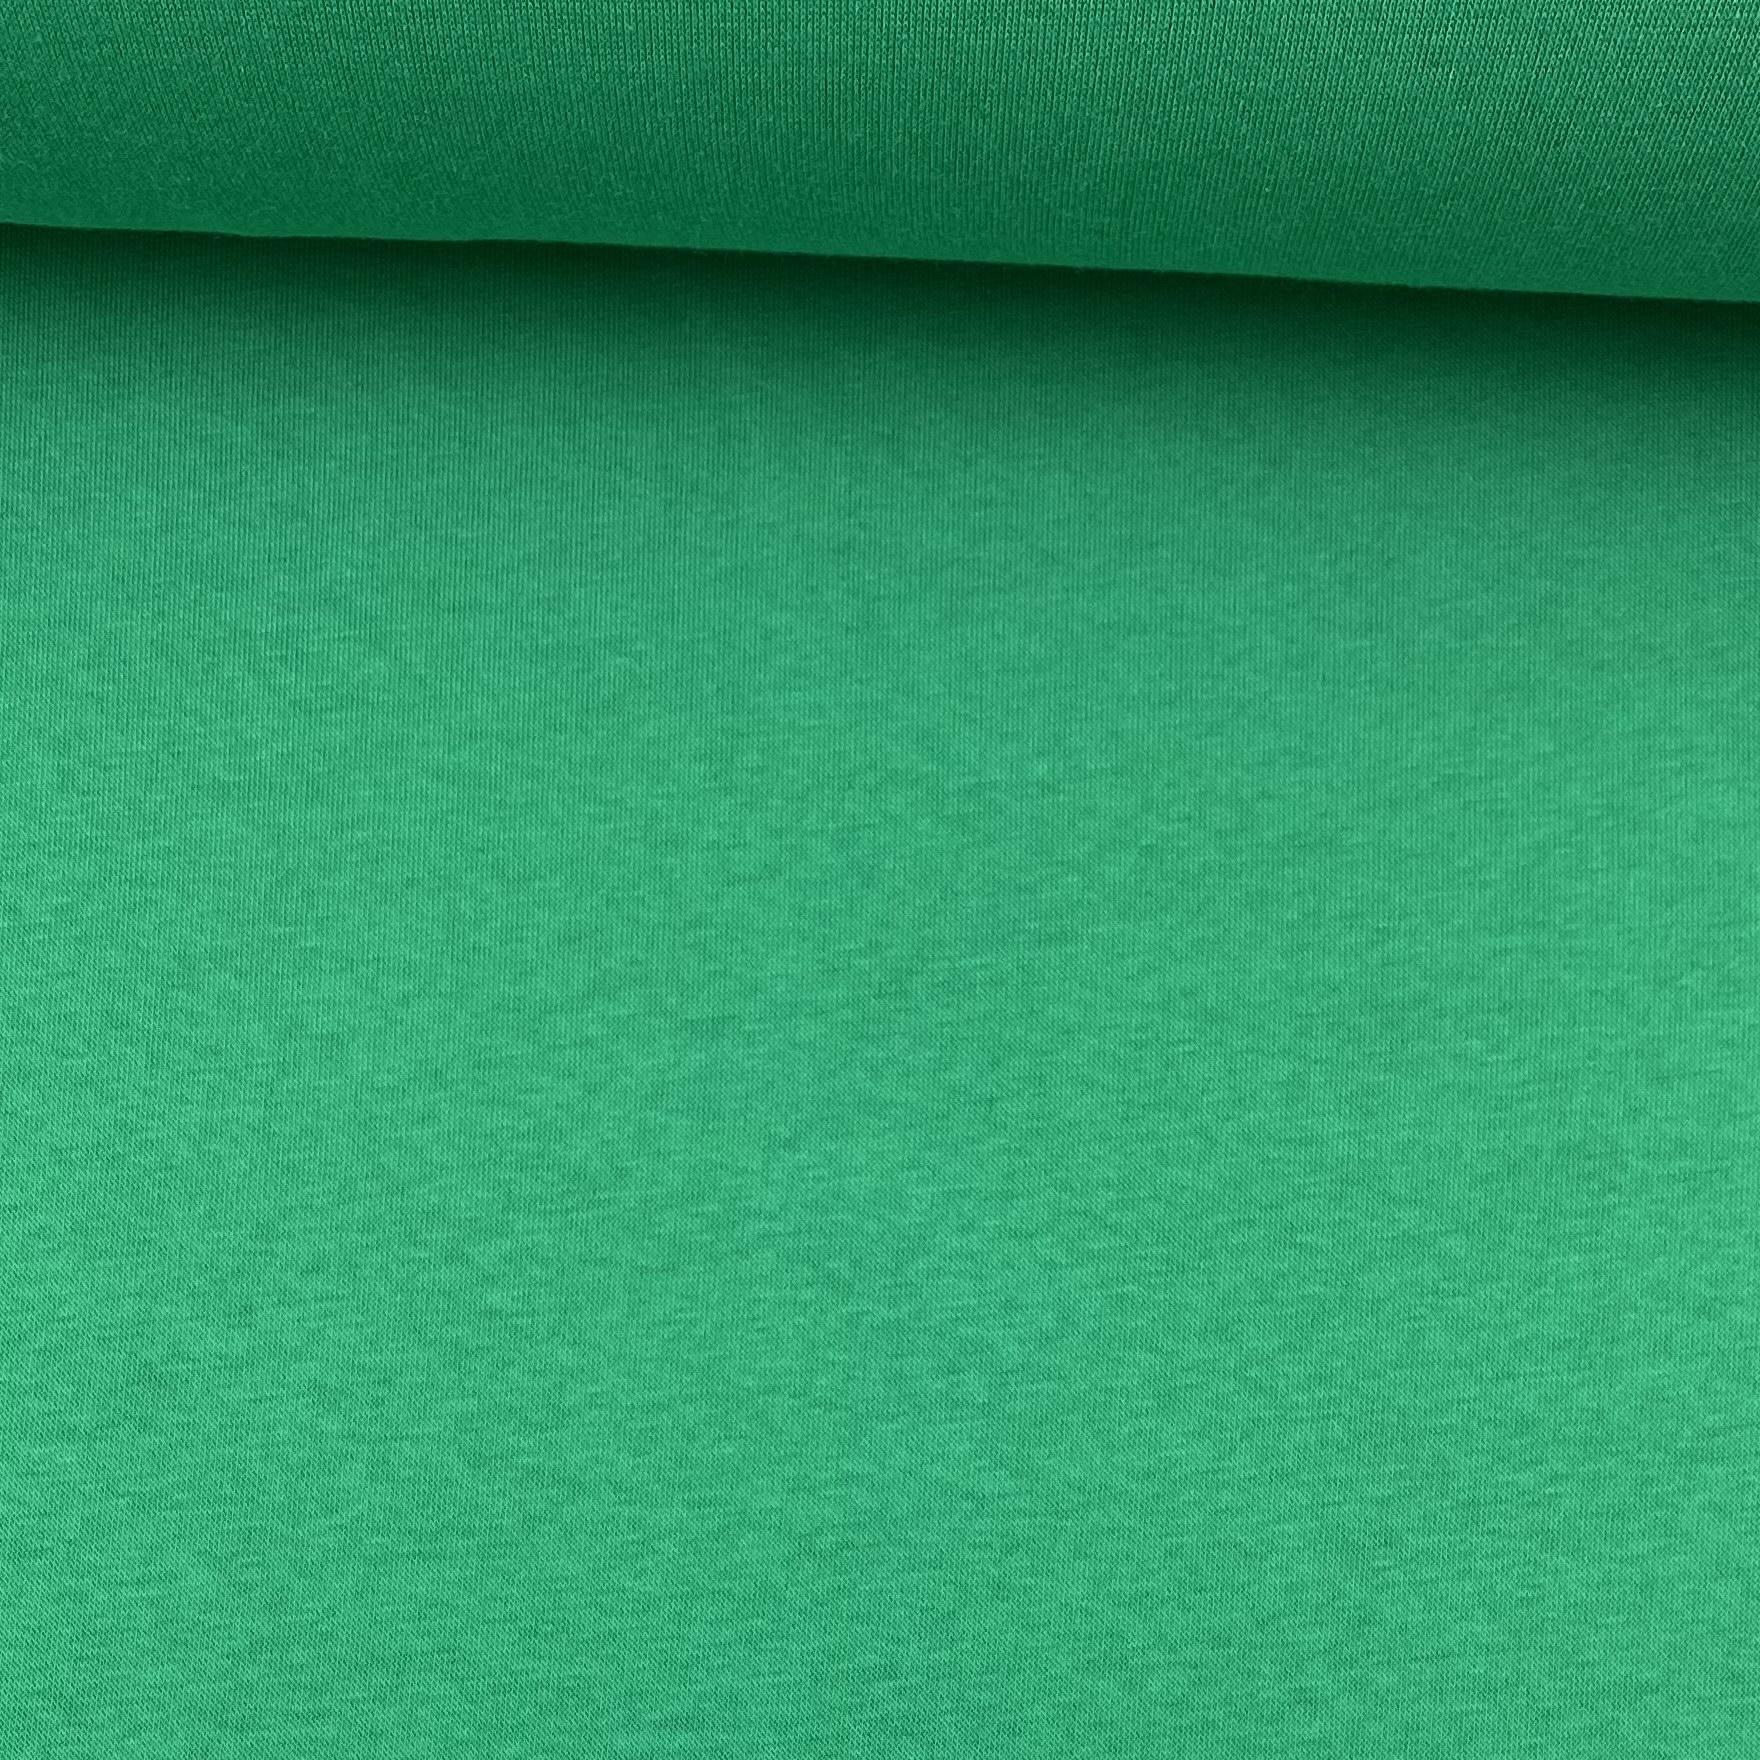 Soft French Terry/Sweatstoff angeraut, grün, uni. Art. SW10731